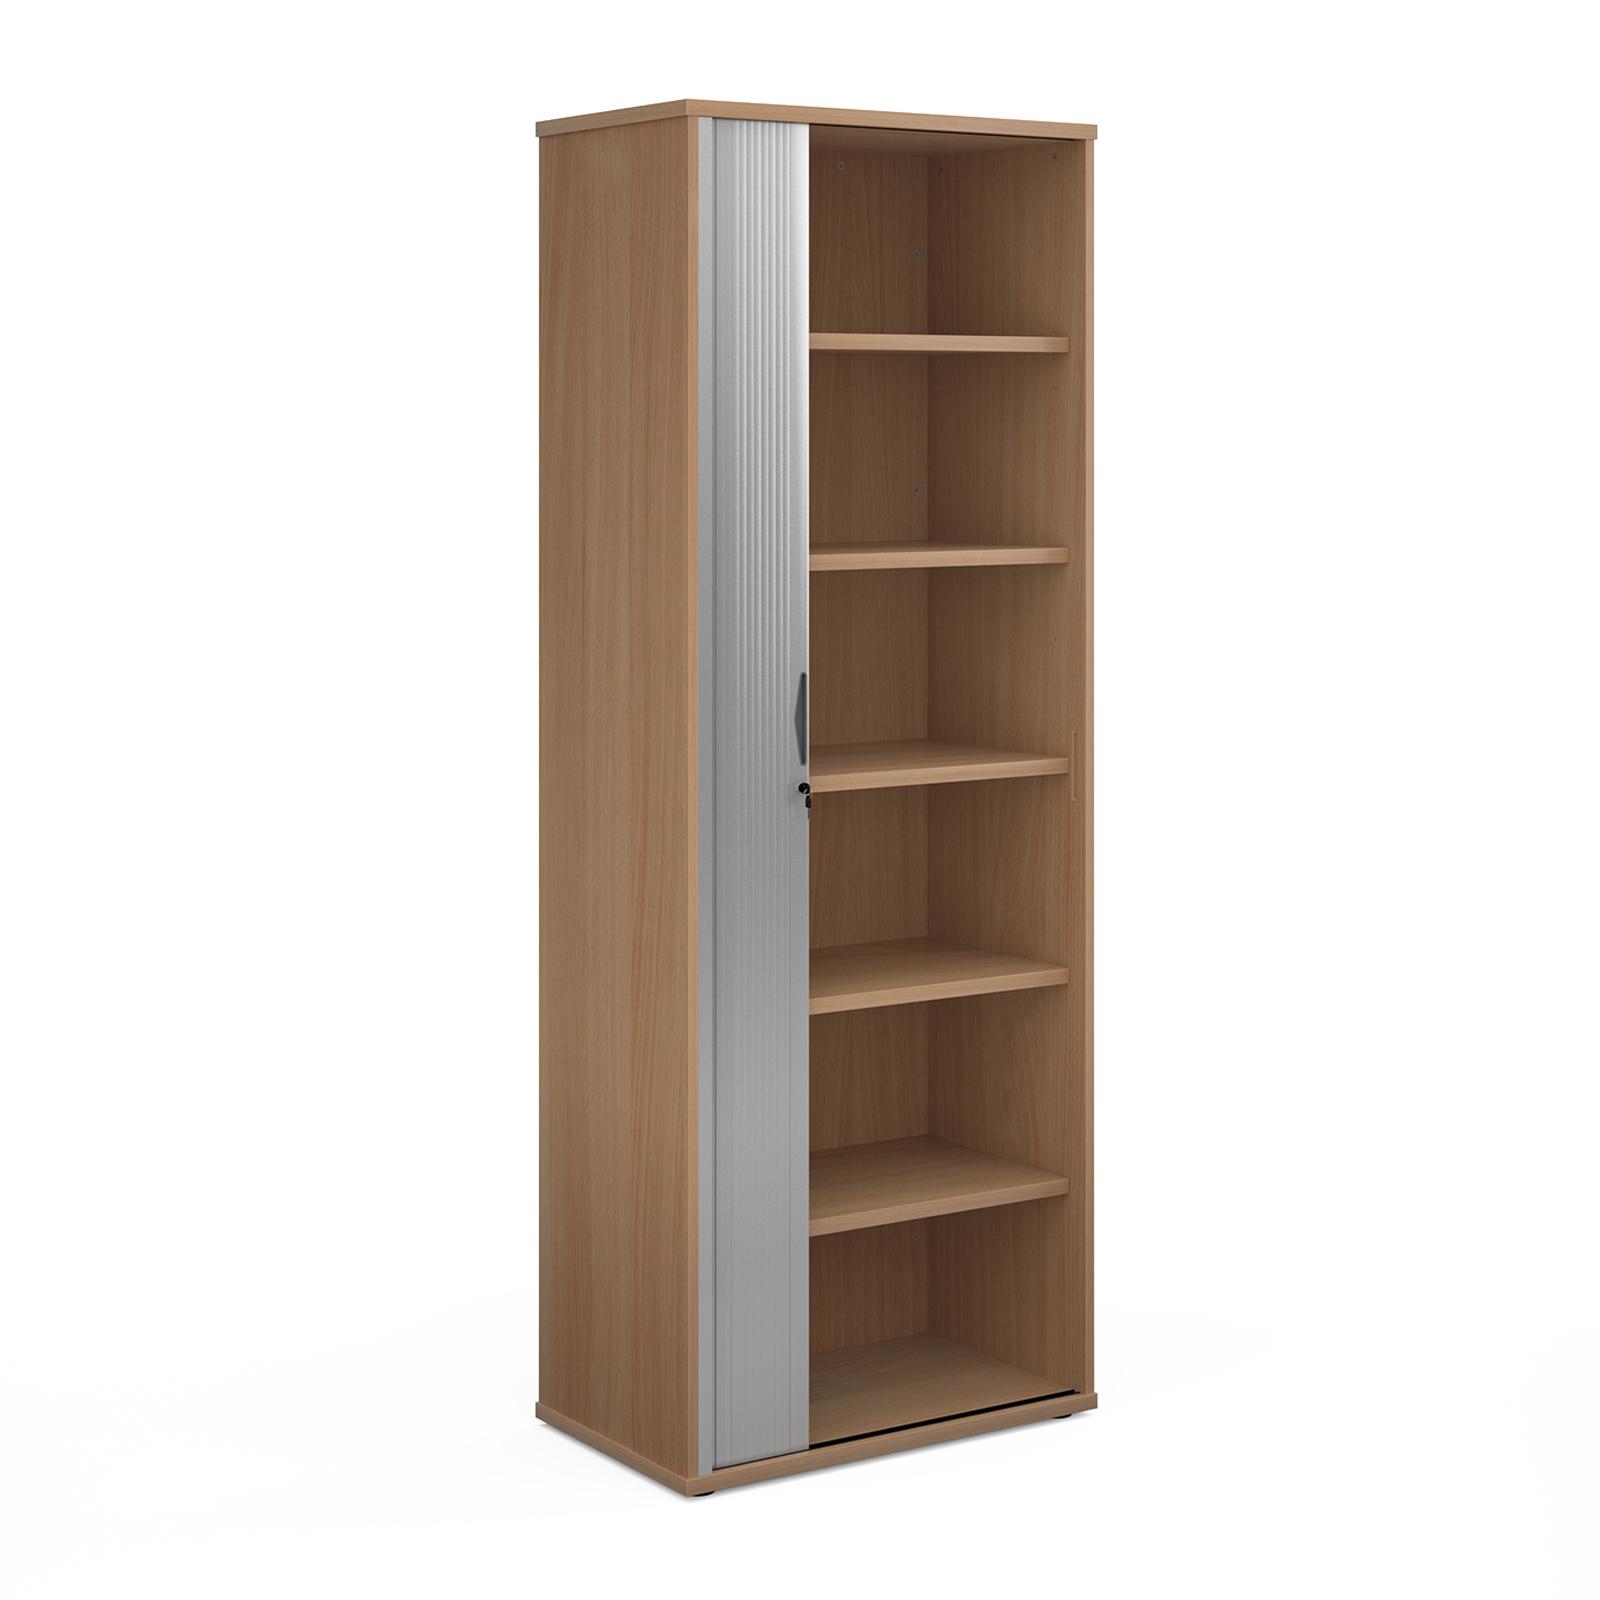 Universal single door tambour cupboard 2140mm high with 5 shelves - beech with silver door